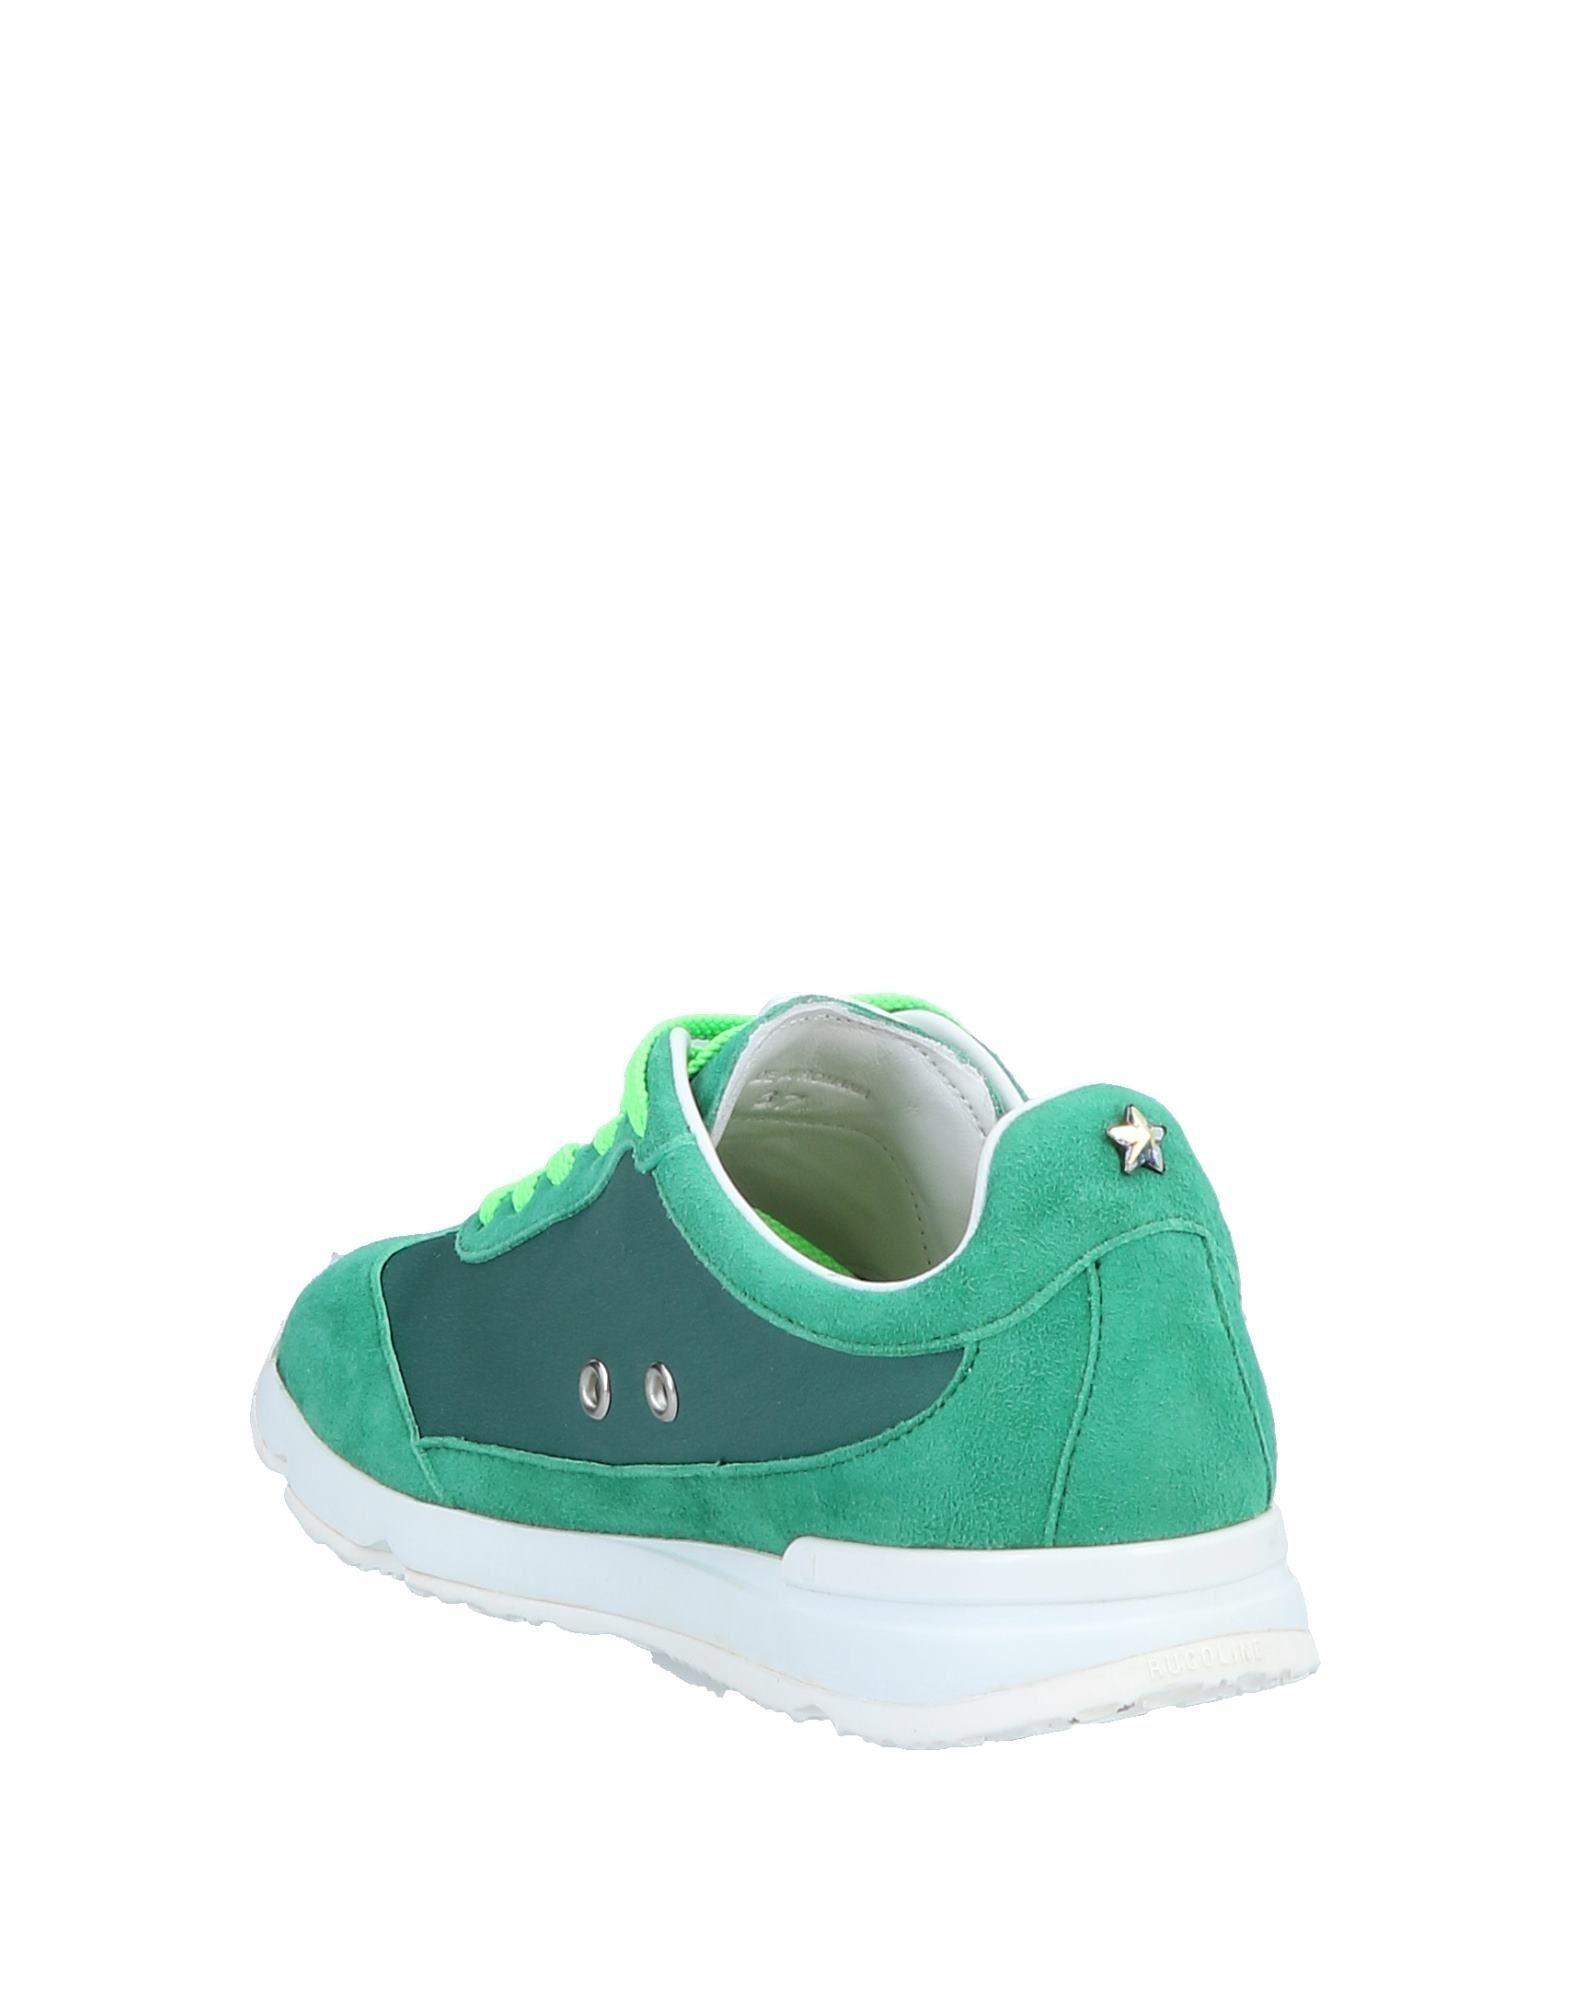 Ruco lohnt Line Sneakers Damen Gutes Preis-Leistungs-Verhältnis, es lohnt Ruco sich 025697